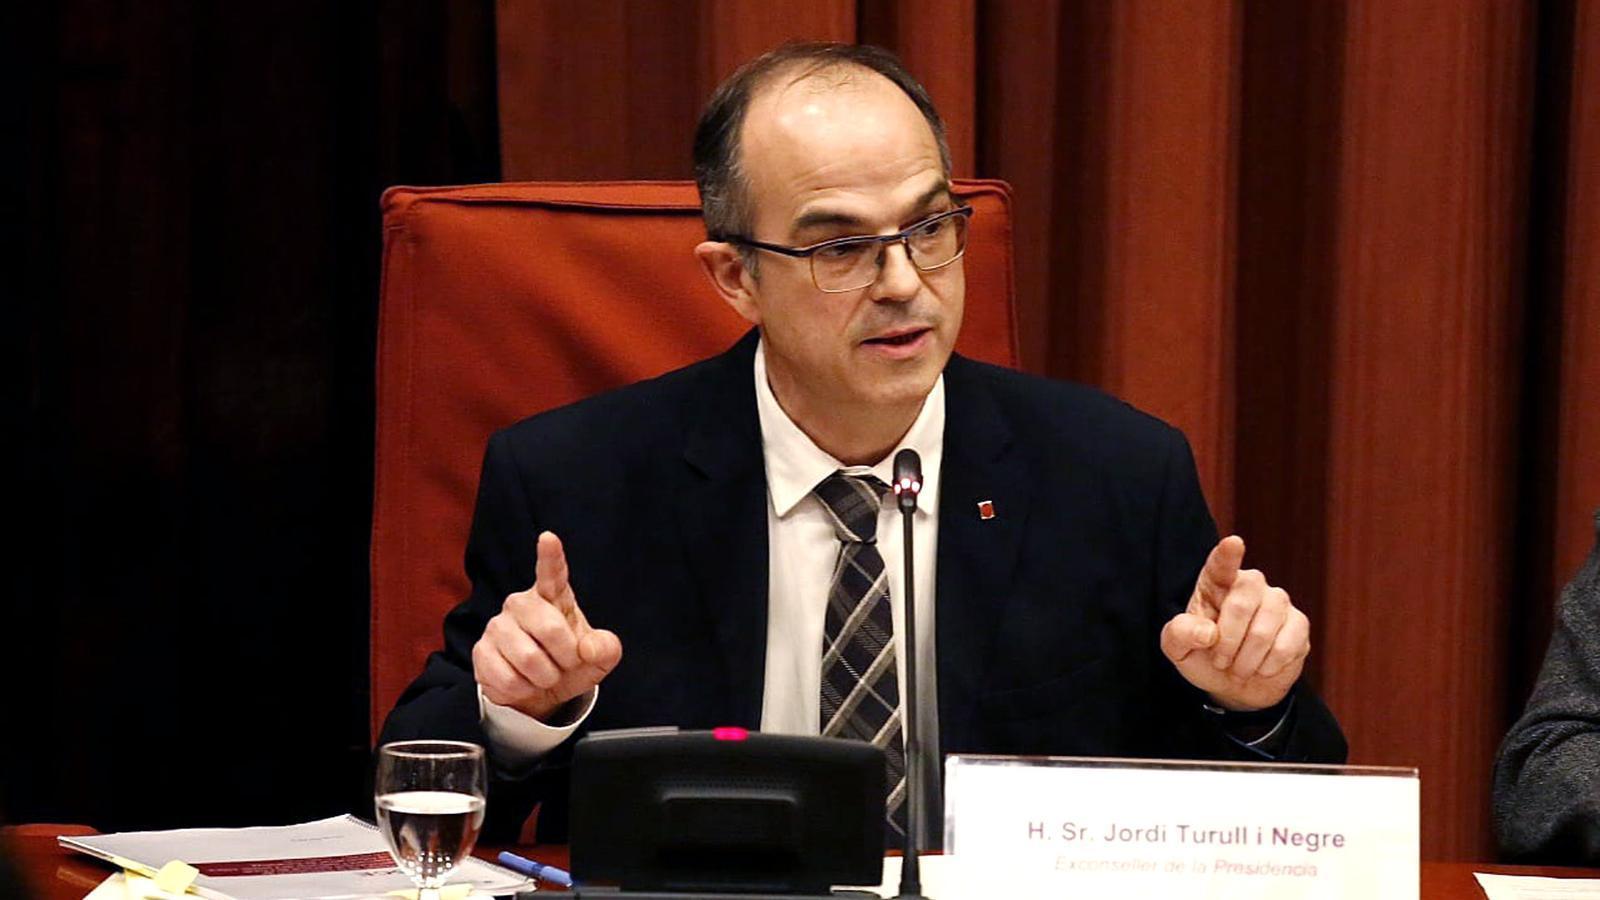 L'anàlisi d'Antoni Bassas: 'L'Estat els ataca i ells... se separen'